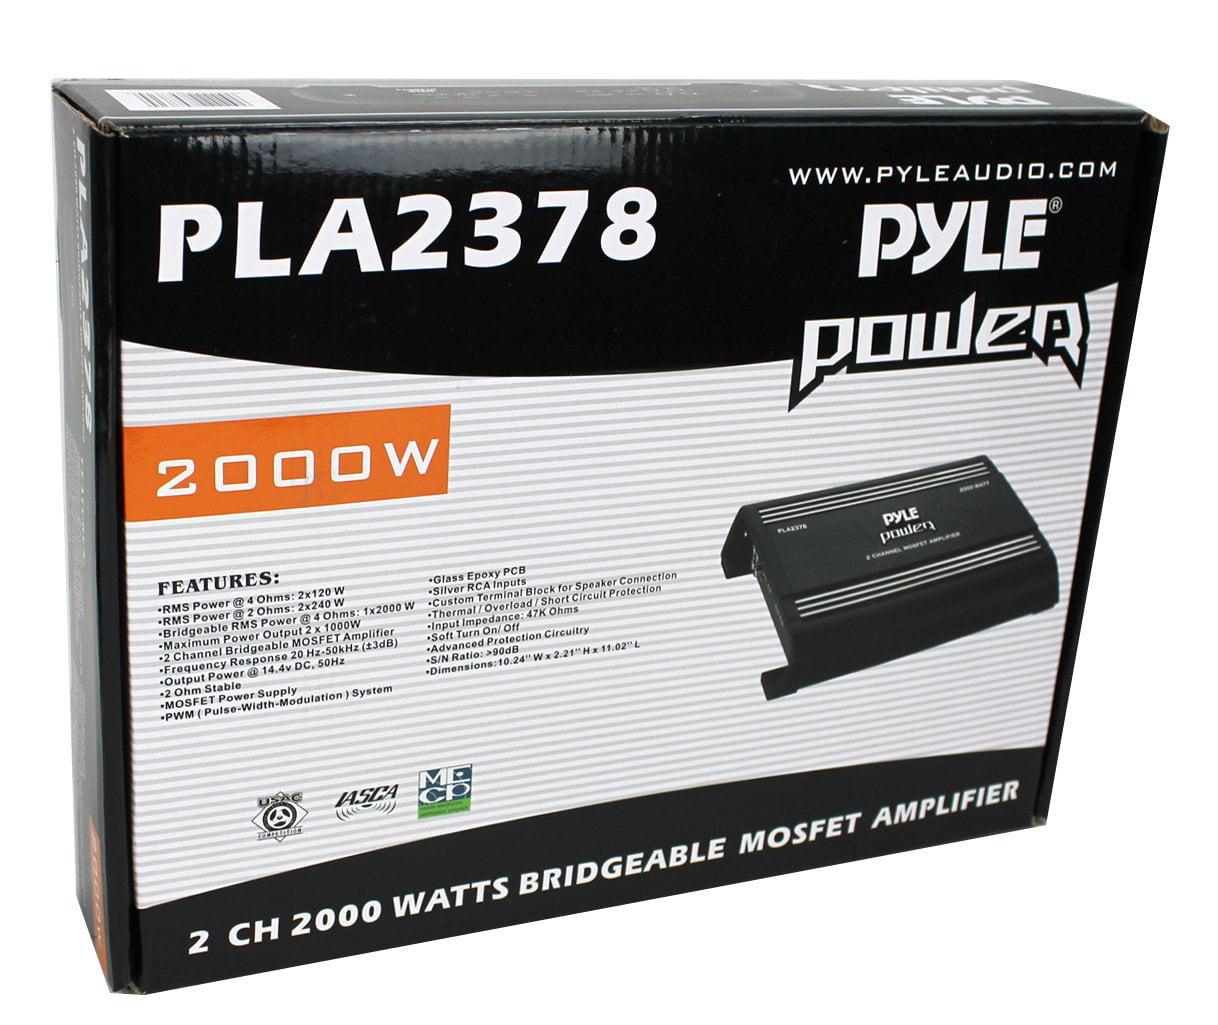 2 Channel 2000 Watts Bridgeable Mosfet Amplifier Power Amp